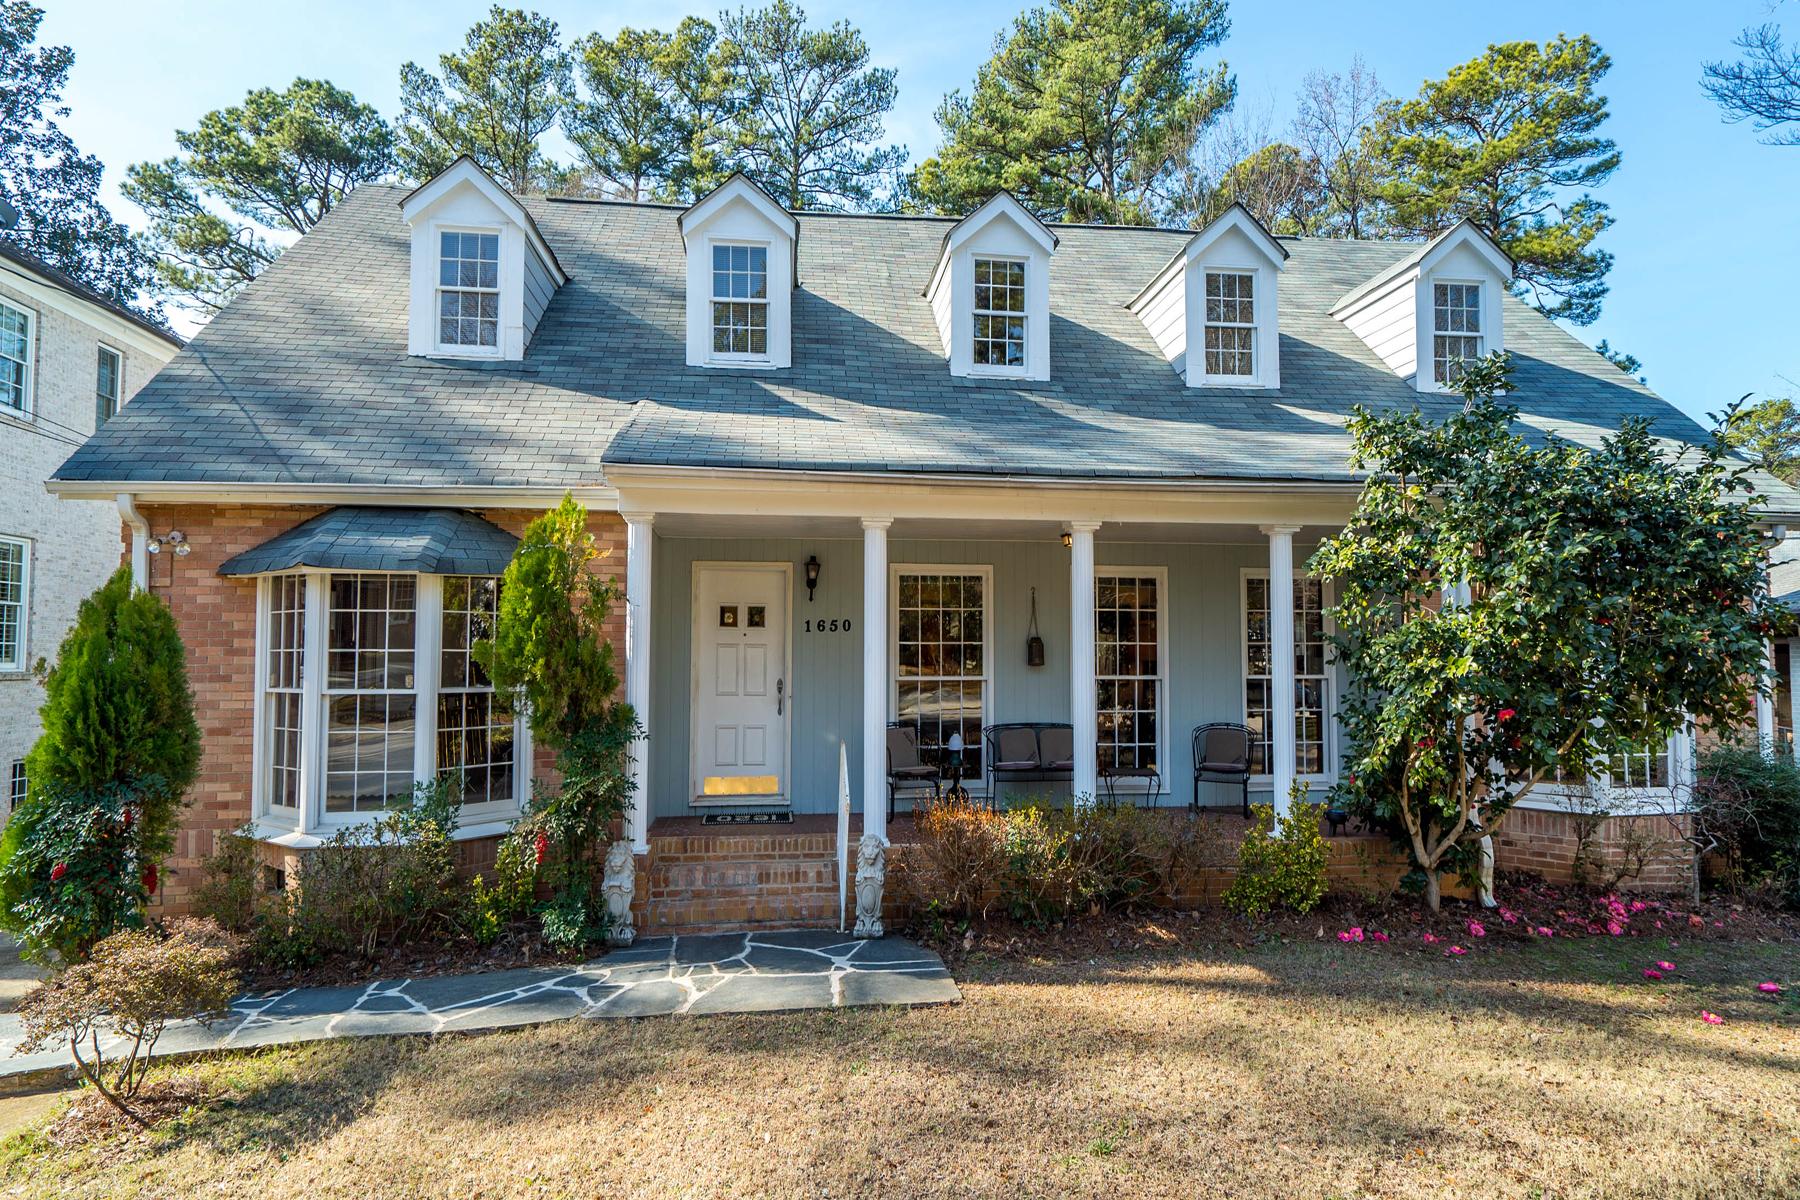 Maison unifamiliale pour l Vente à Cape Cod On Morningside's Premier Street And Fantastic Lot 1650 Merton Road NE Atlanta, Georgia, 30306 États-Unis